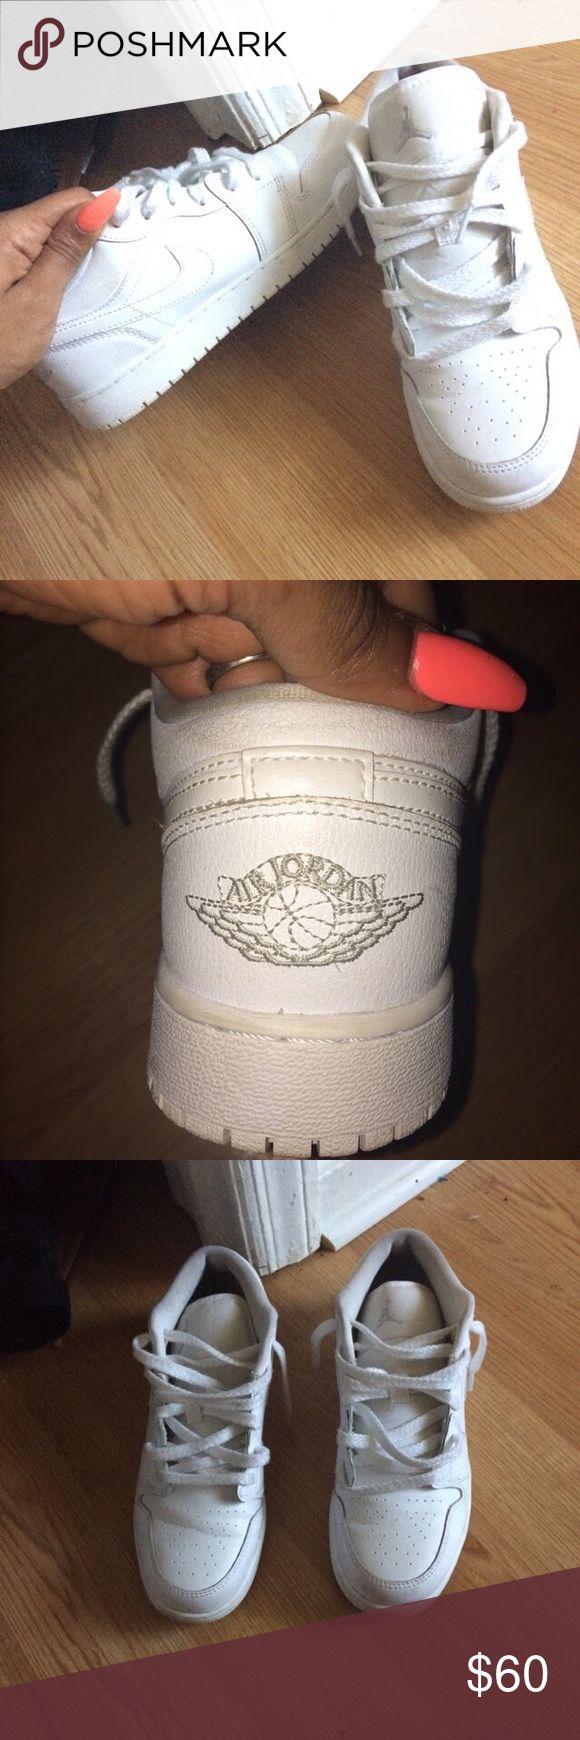 Jordan 1 low top All white Jordan 1s low top Jordan Shoes Sneakers